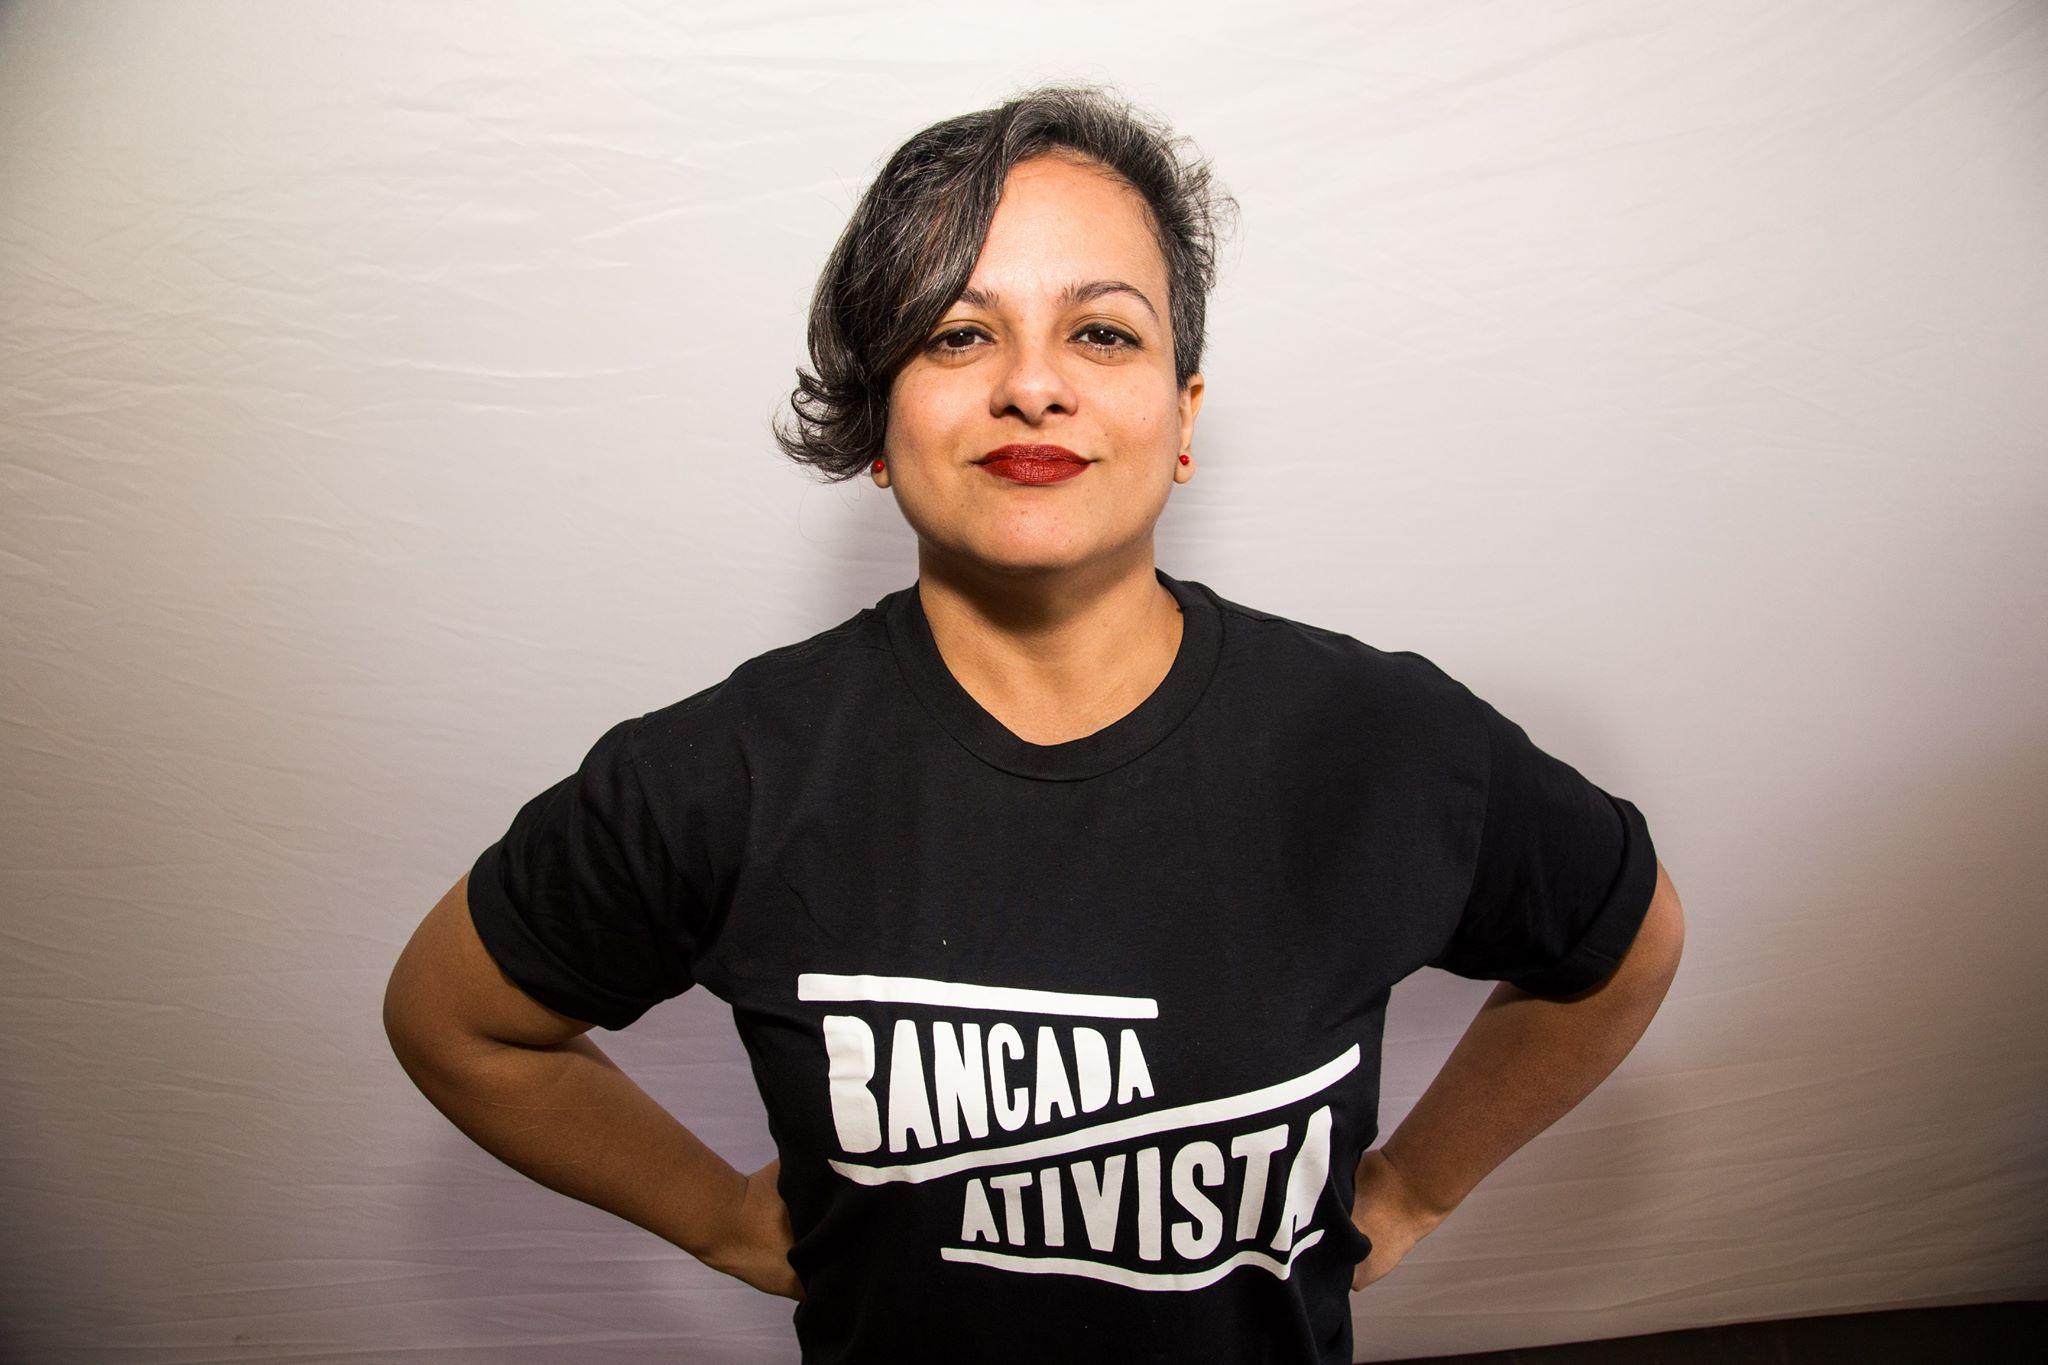 Raquel é um dos nomes que compõem a Bancada Ativista. | Foto: Divulgação